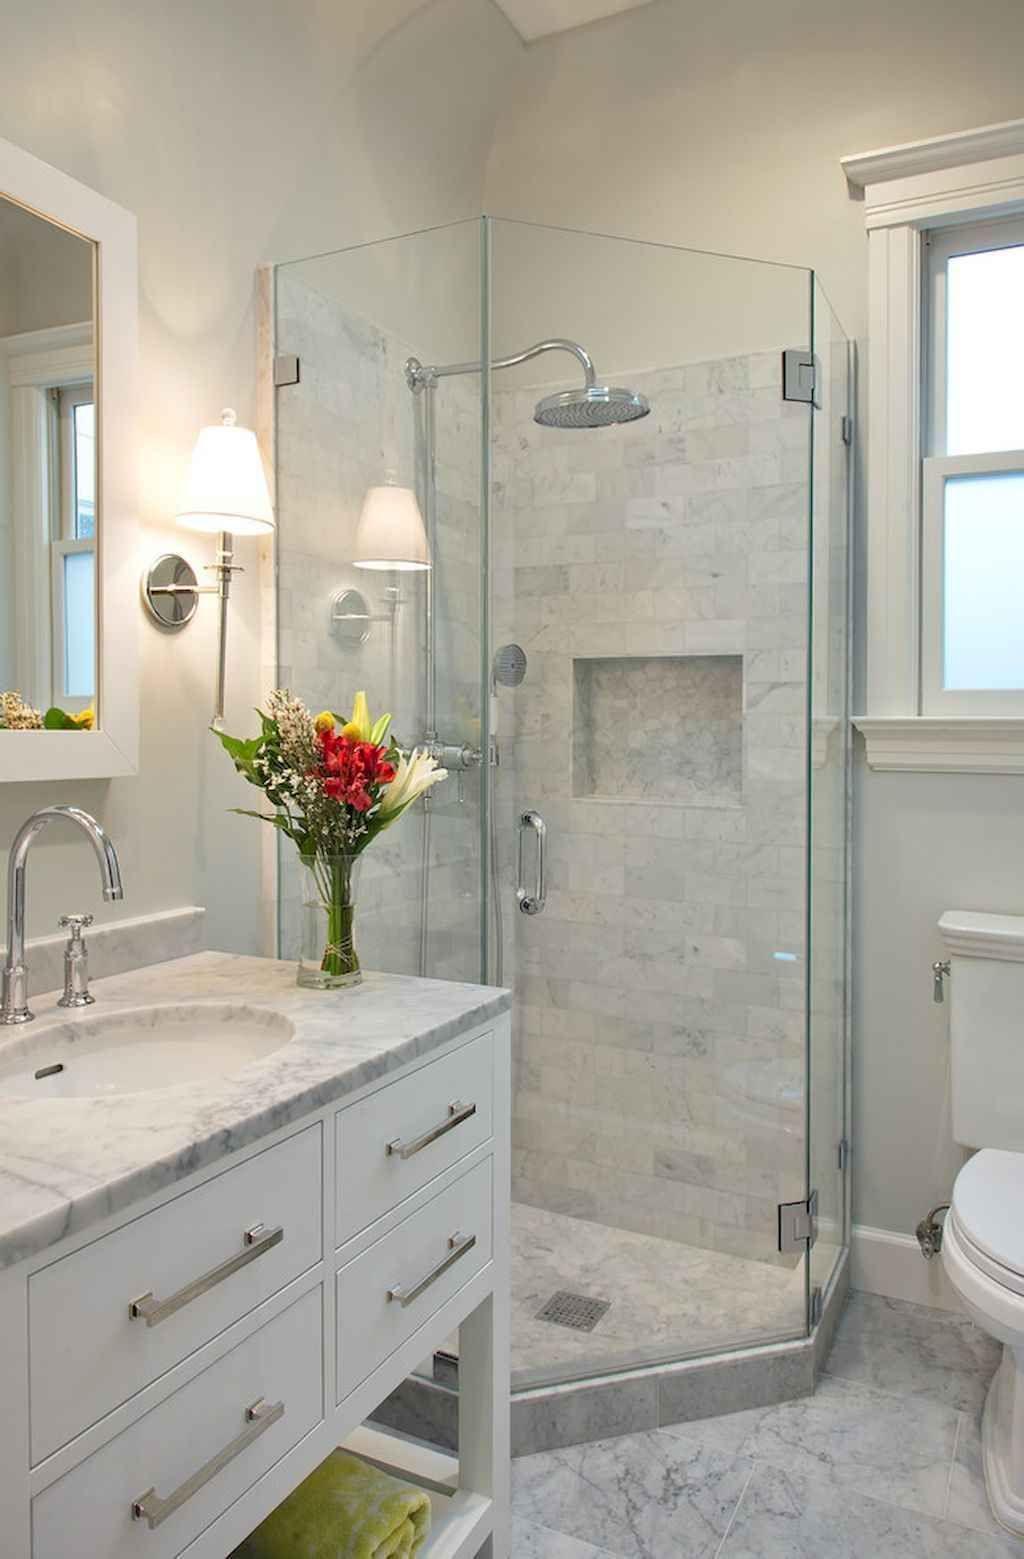 60 Inspiring Bathroom Remodel Ideas 1 Restroom Remodel Cheap Bathroom Remodel Bathroom Design Small